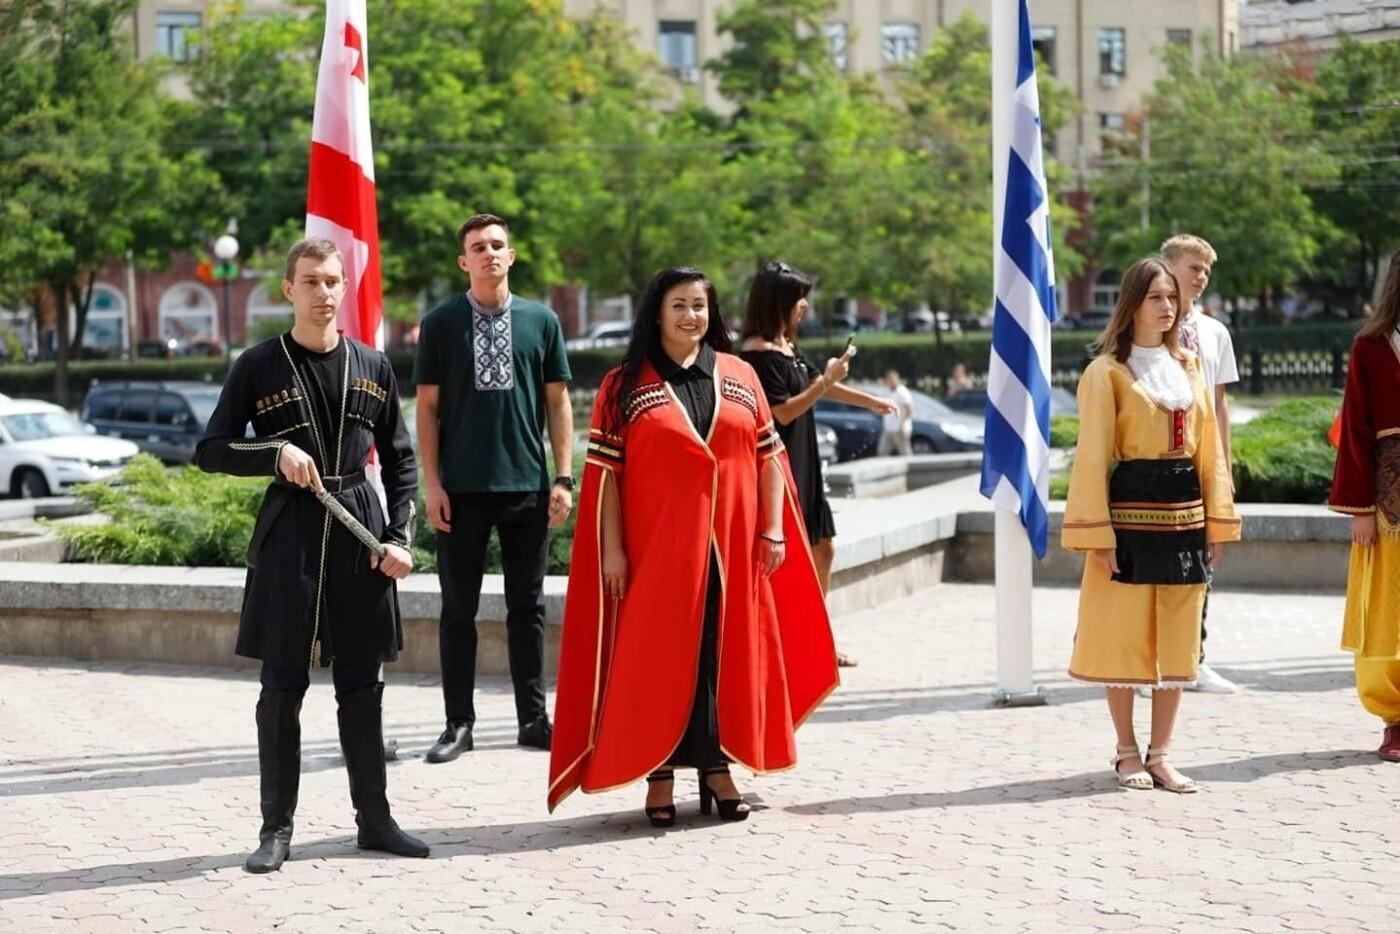 В центре Днепре открыли Аллею многонационального города, - ФОТО, фото-4